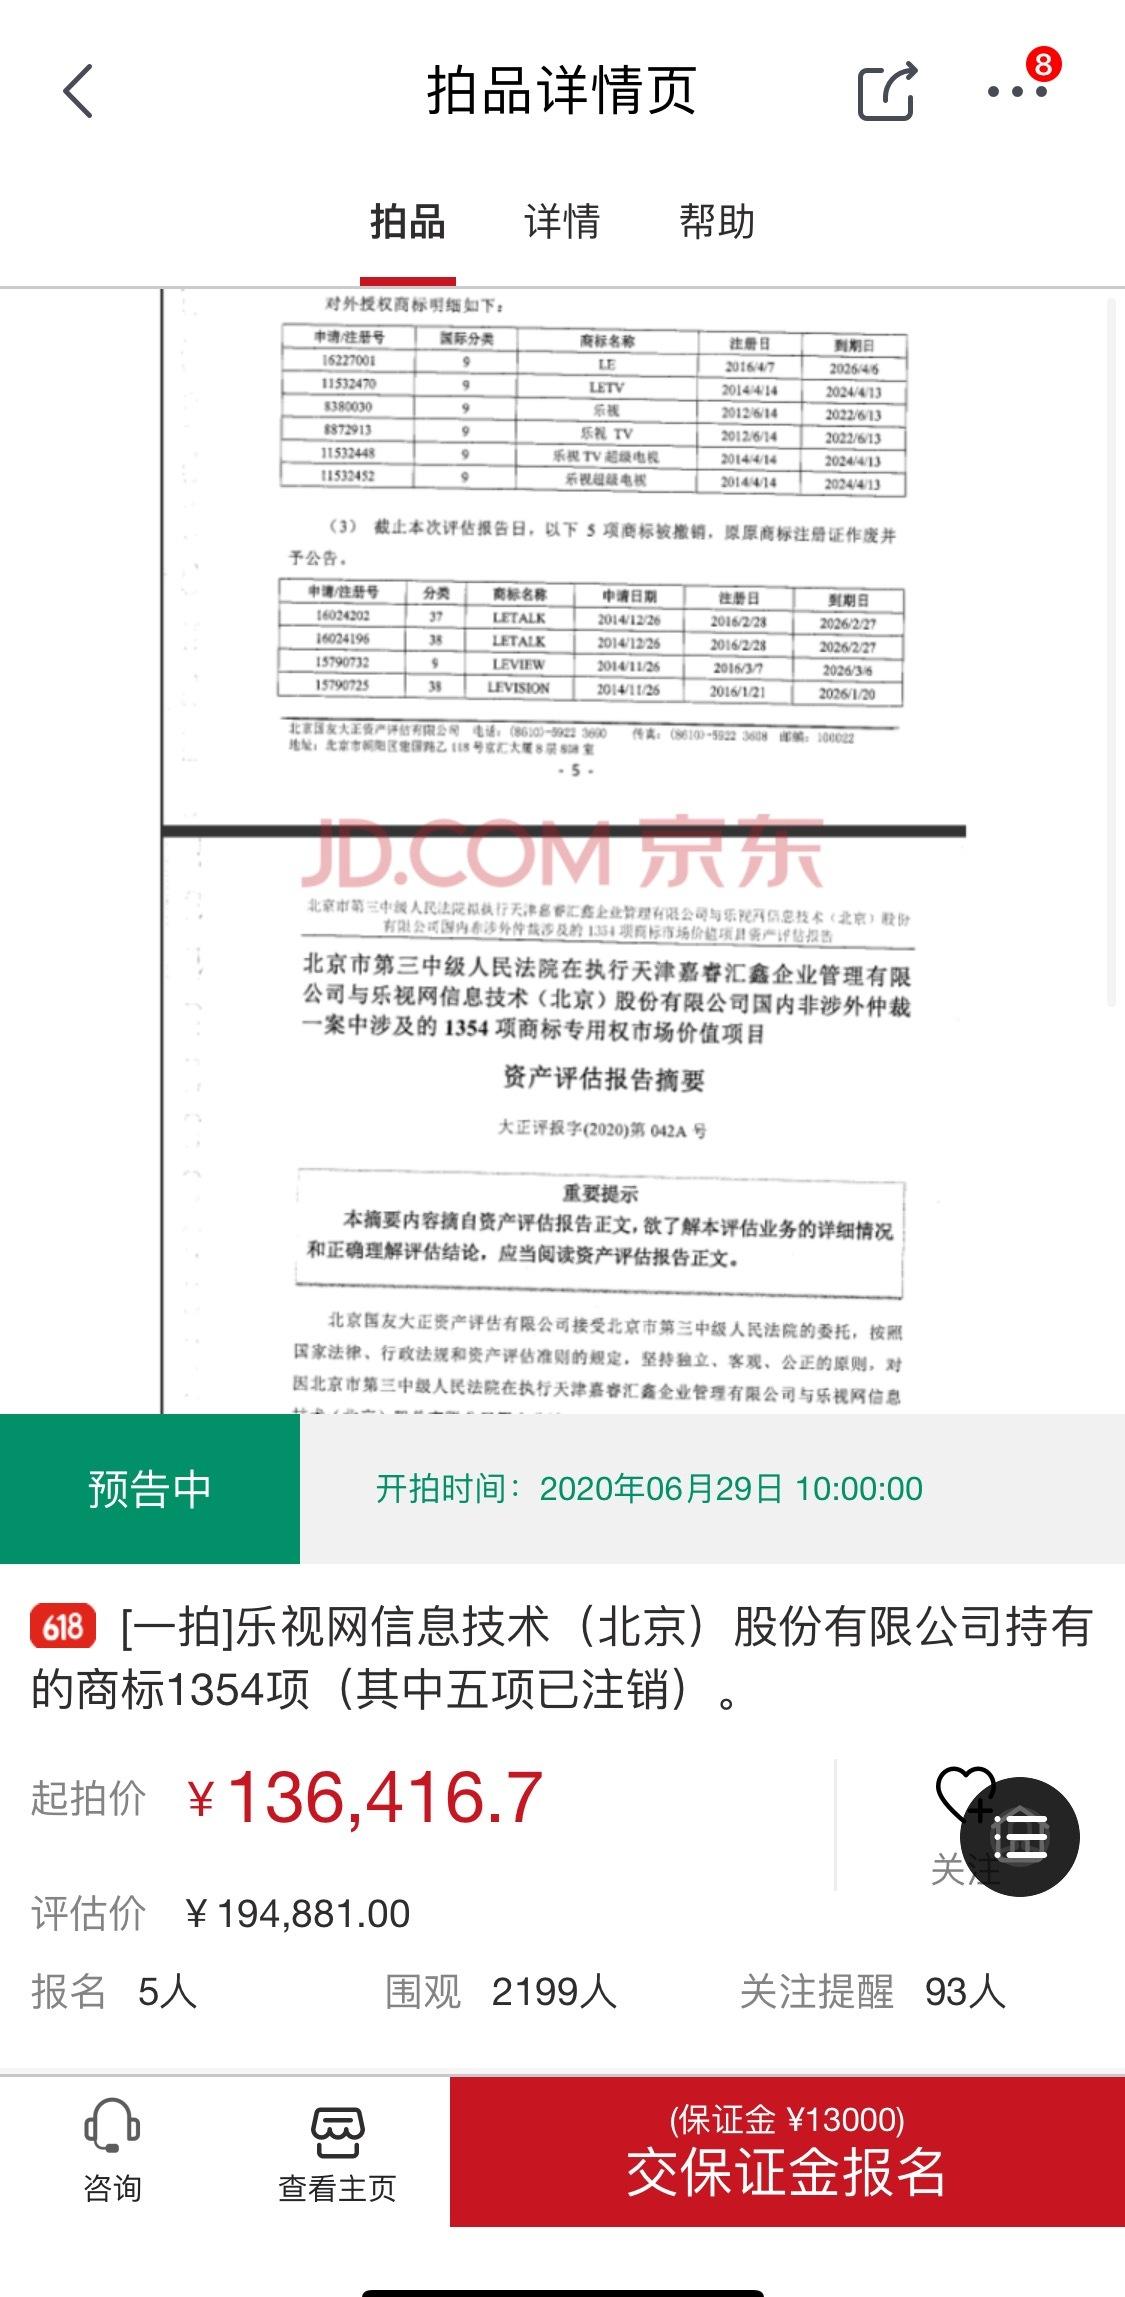 快讯!乐视1300多个商标将被拍卖 评估价格为19.4万元